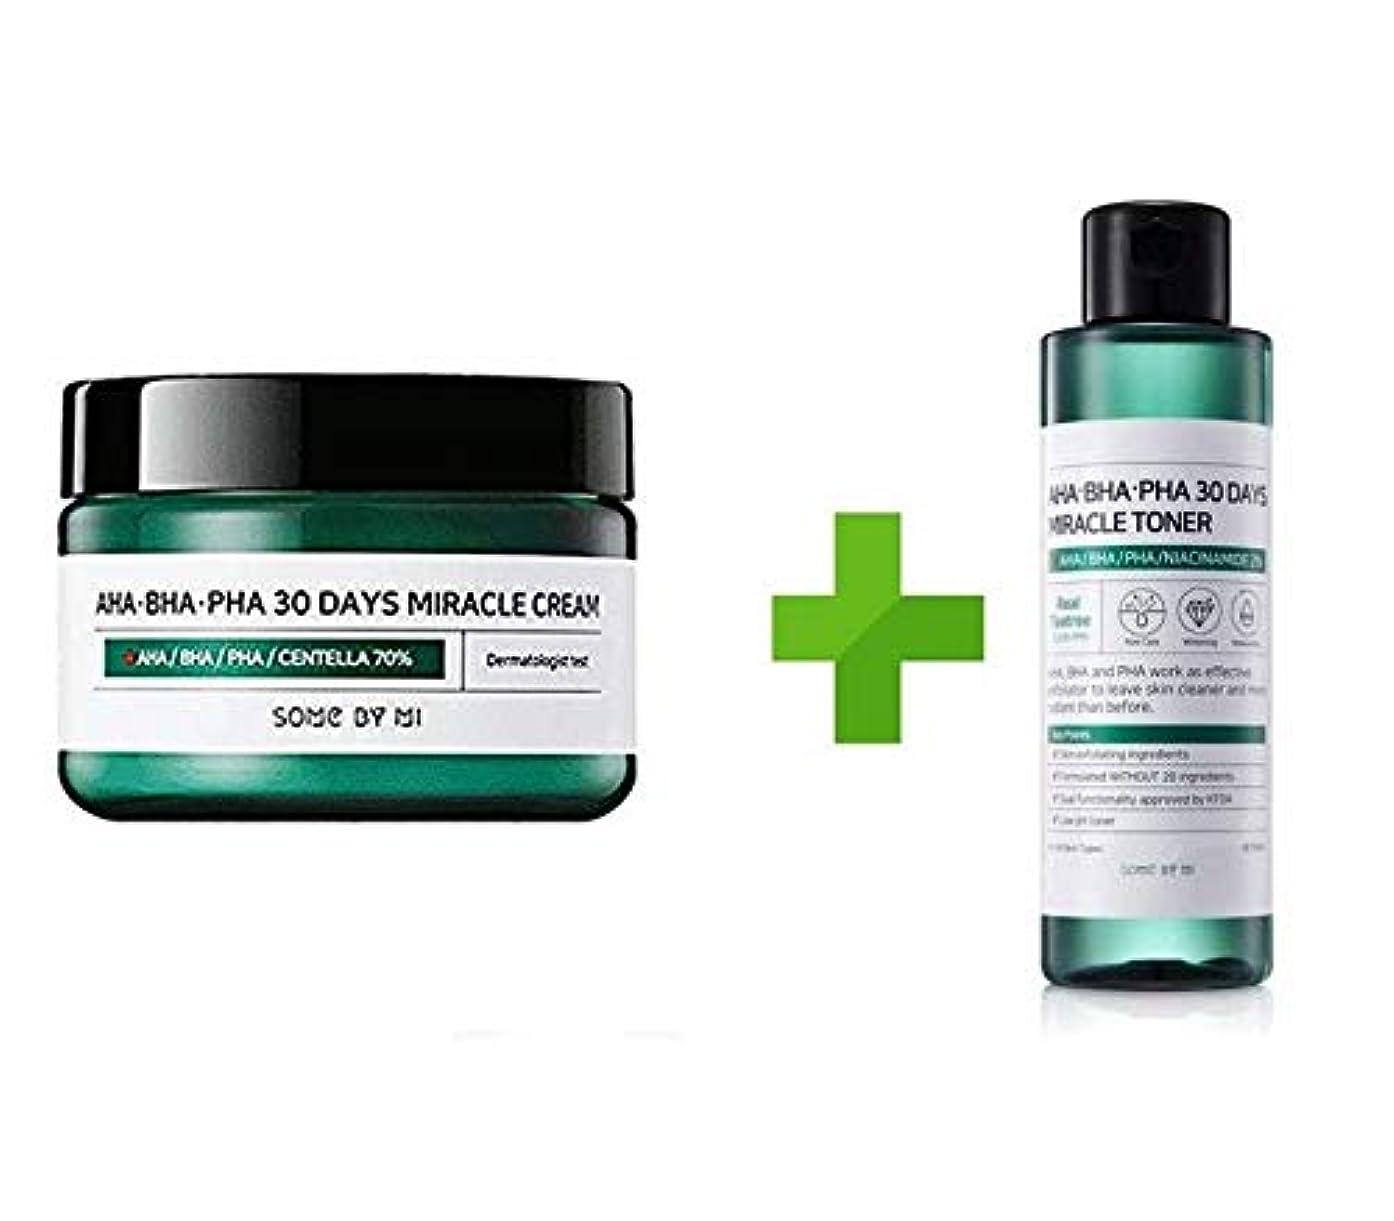 感動する最適懐疑的Somebymi AHA BHA PHA Miracle Cream (50ml + Toner 150ml)Skin Barrier & Recovery, Soothing with Tea Tree 10,000ppm...